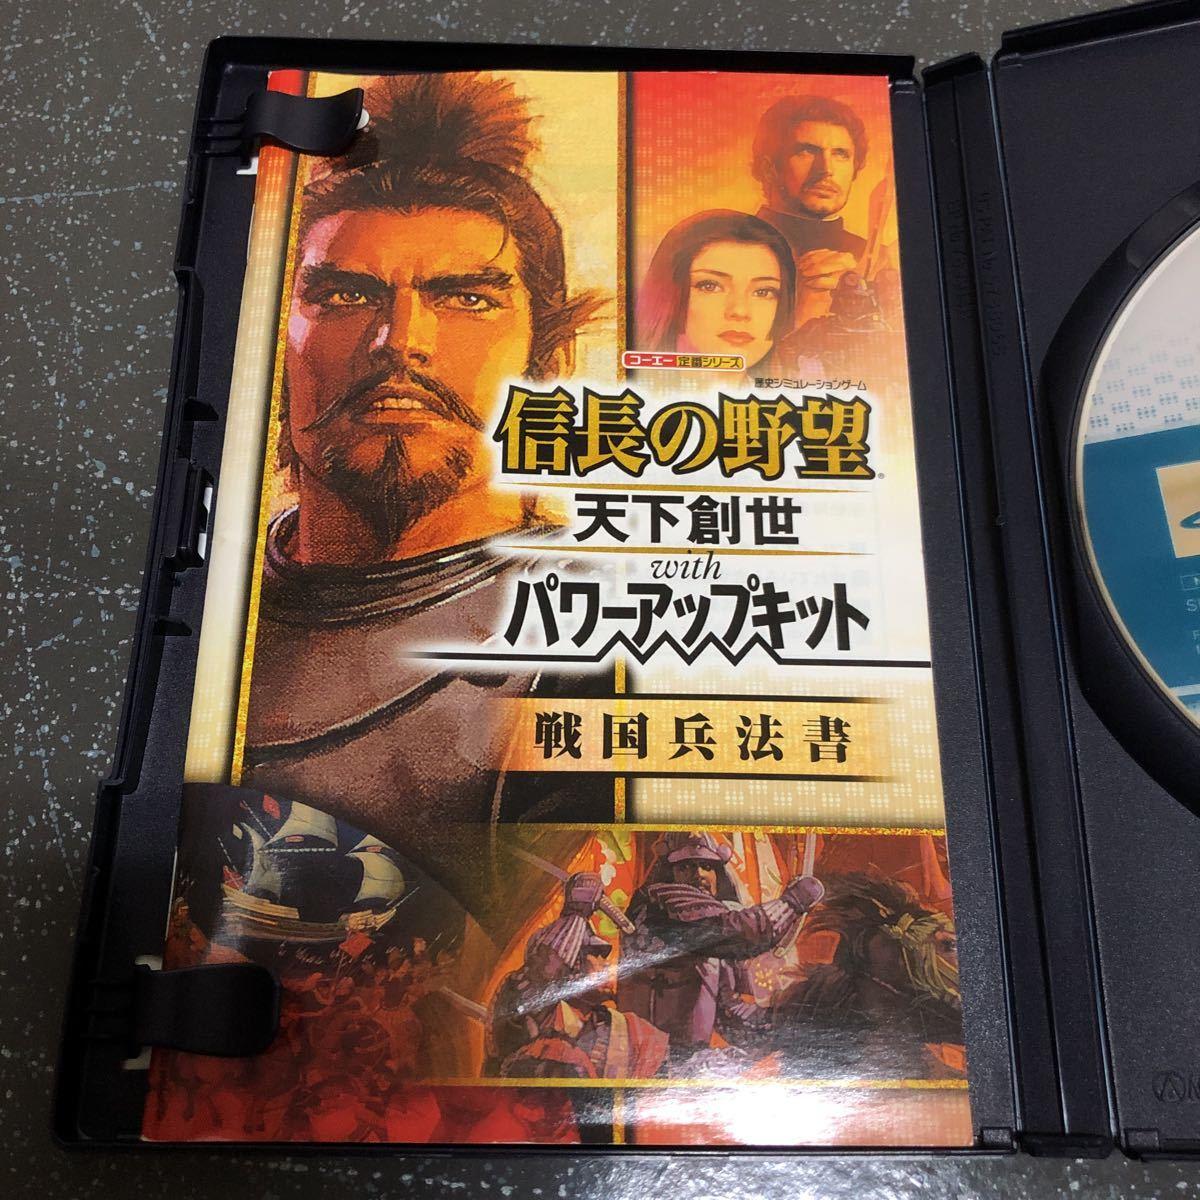 信長の野望 天下創世 with パワーアップキット PS2 【2371】